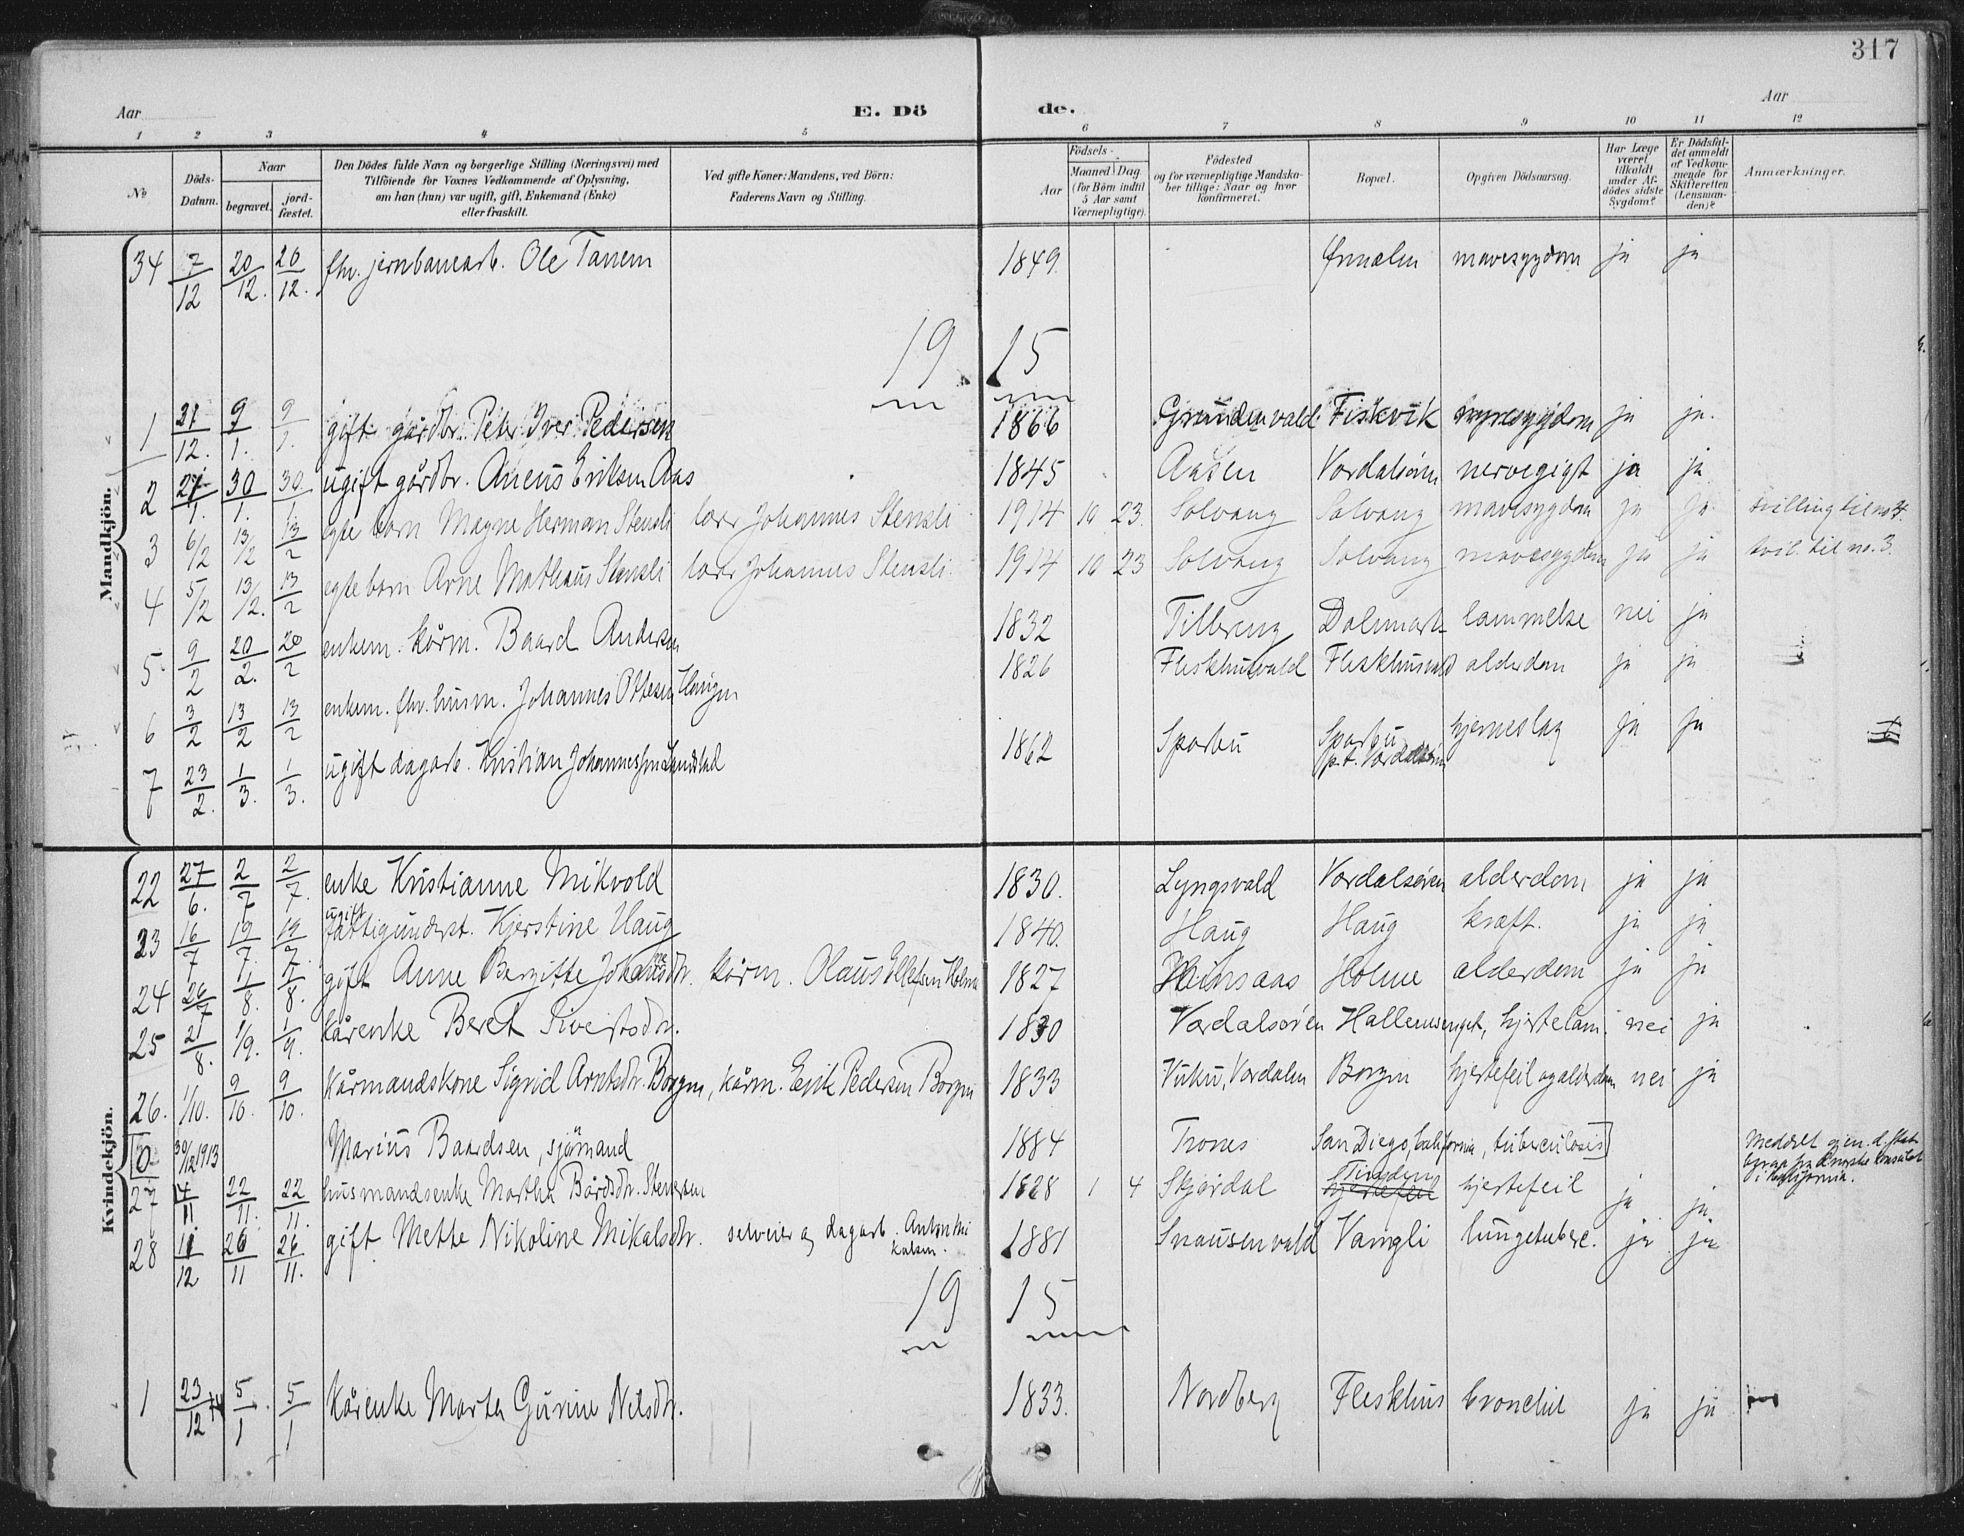 SAT, Ministerialprotokoller, klokkerbøker og fødselsregistre - Nord-Trøndelag, 723/L0246: Ministerialbok nr. 723A15, 1900-1917, s. 317